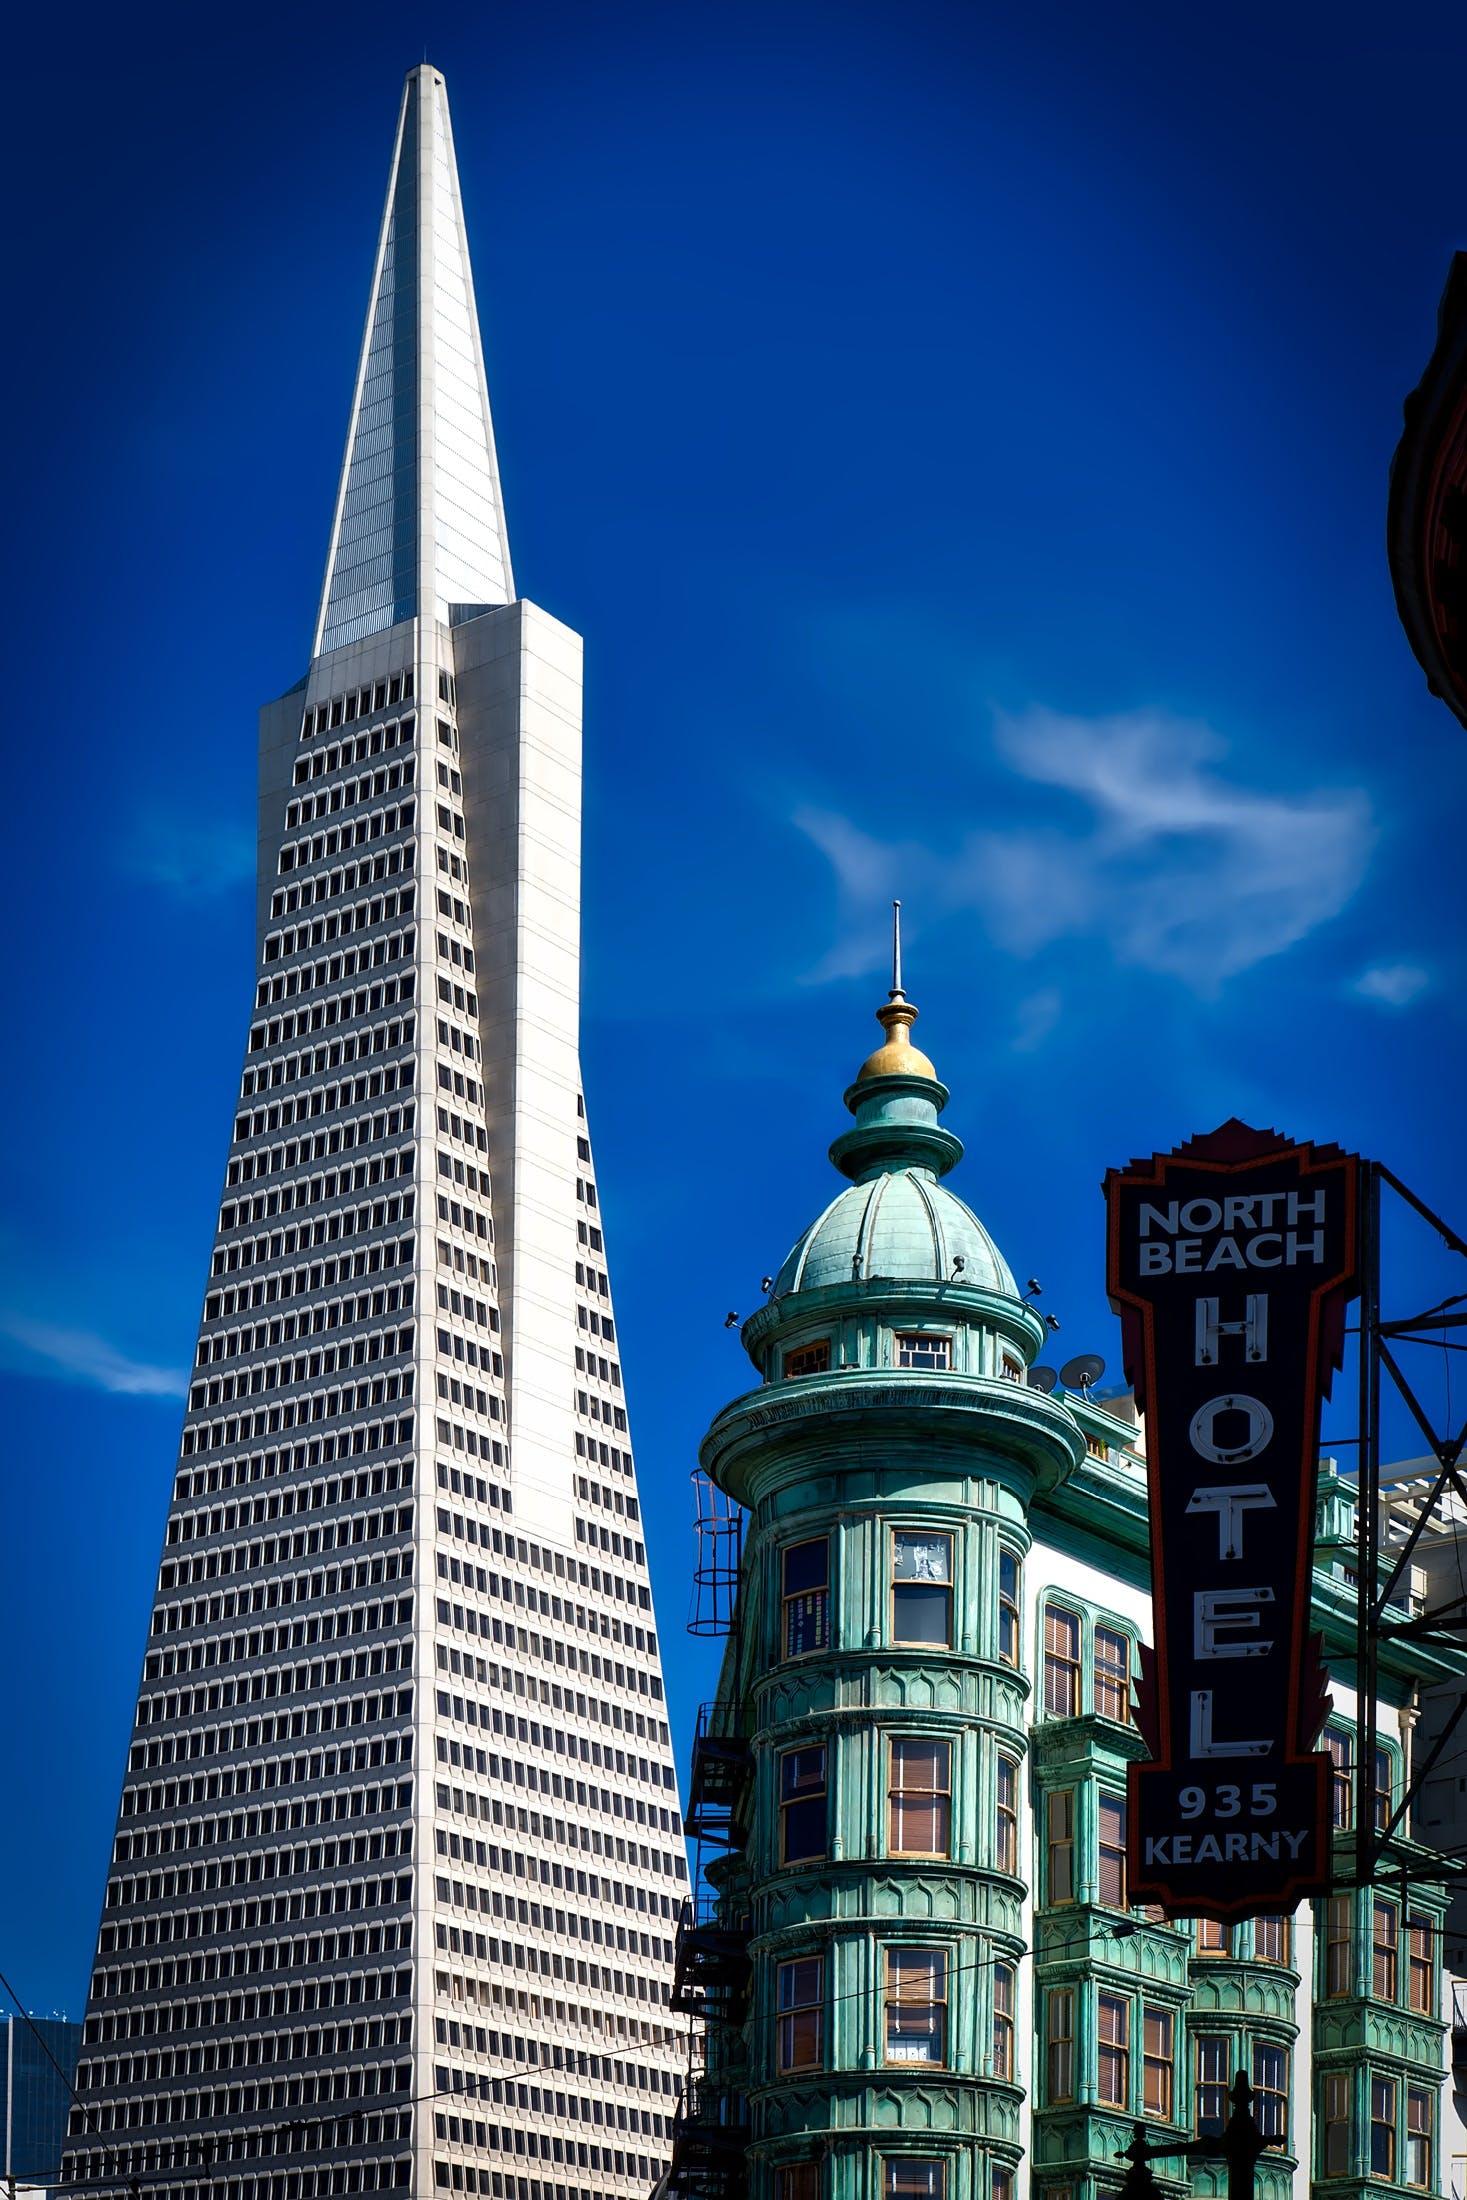 간판, 건물, 건축, 구름의 무료 스톡 사진